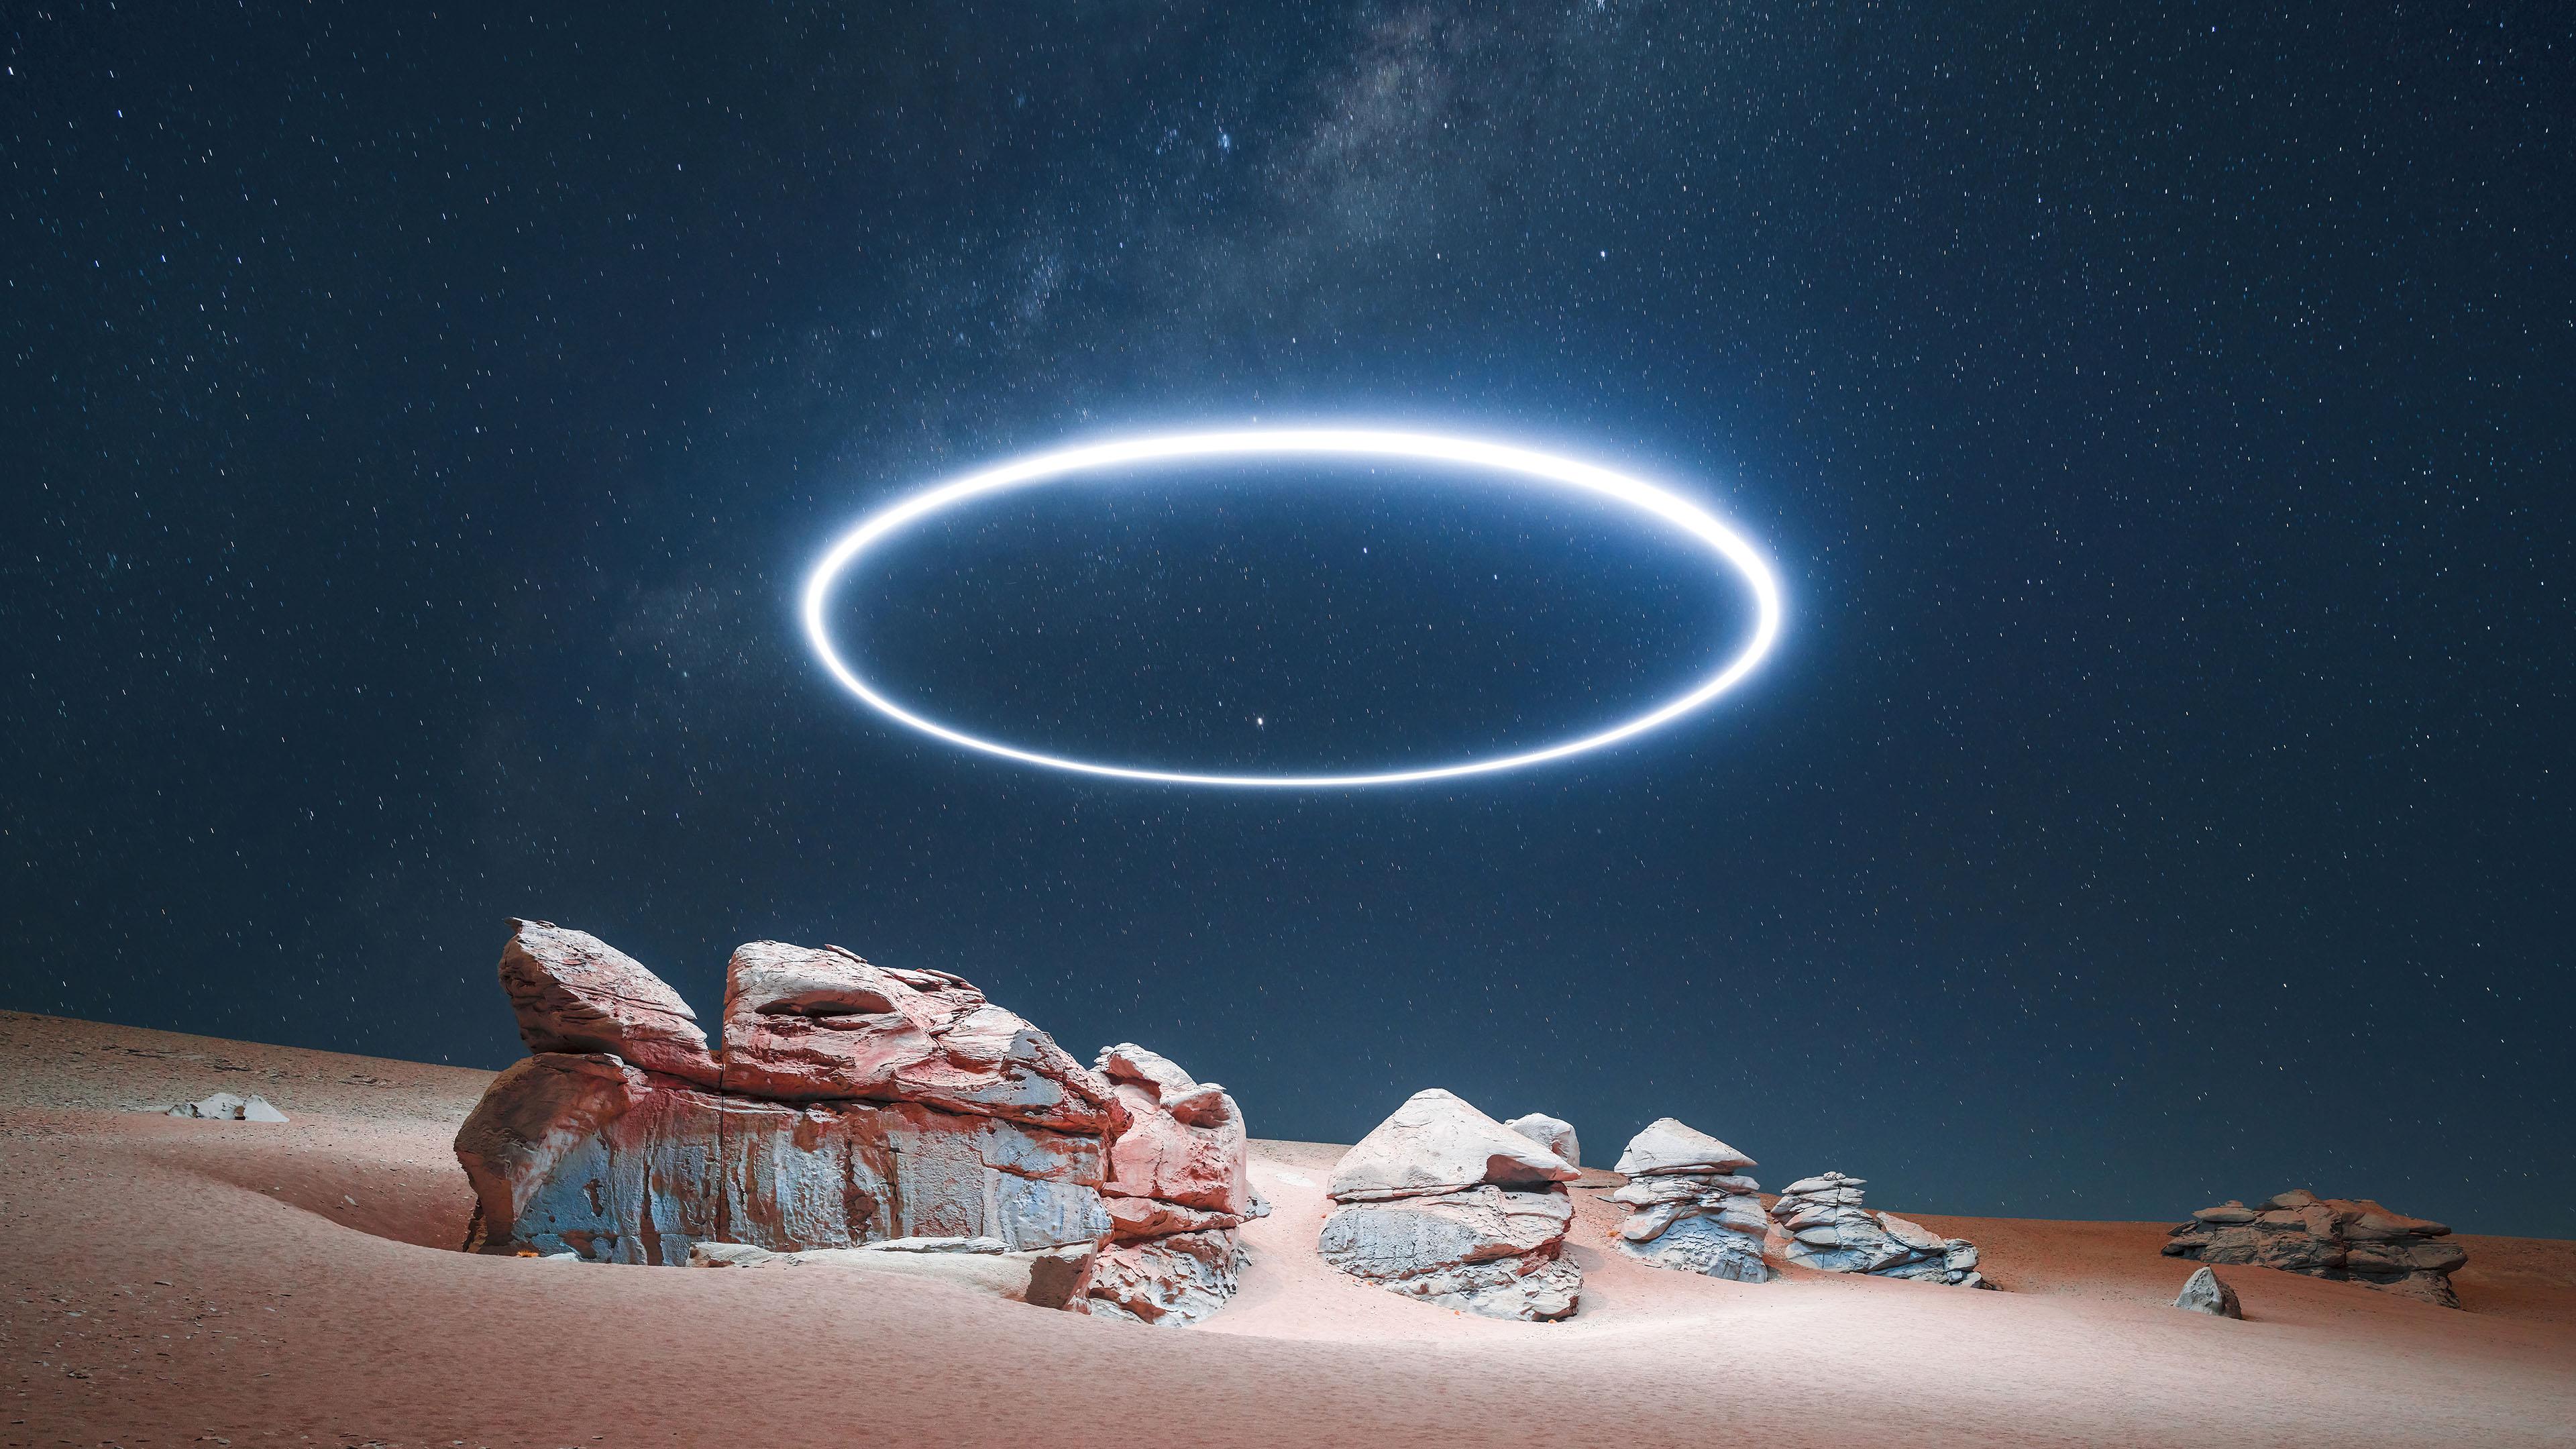 风景大片,奇幻梦境,沙漠,星空,繁星,,光圈